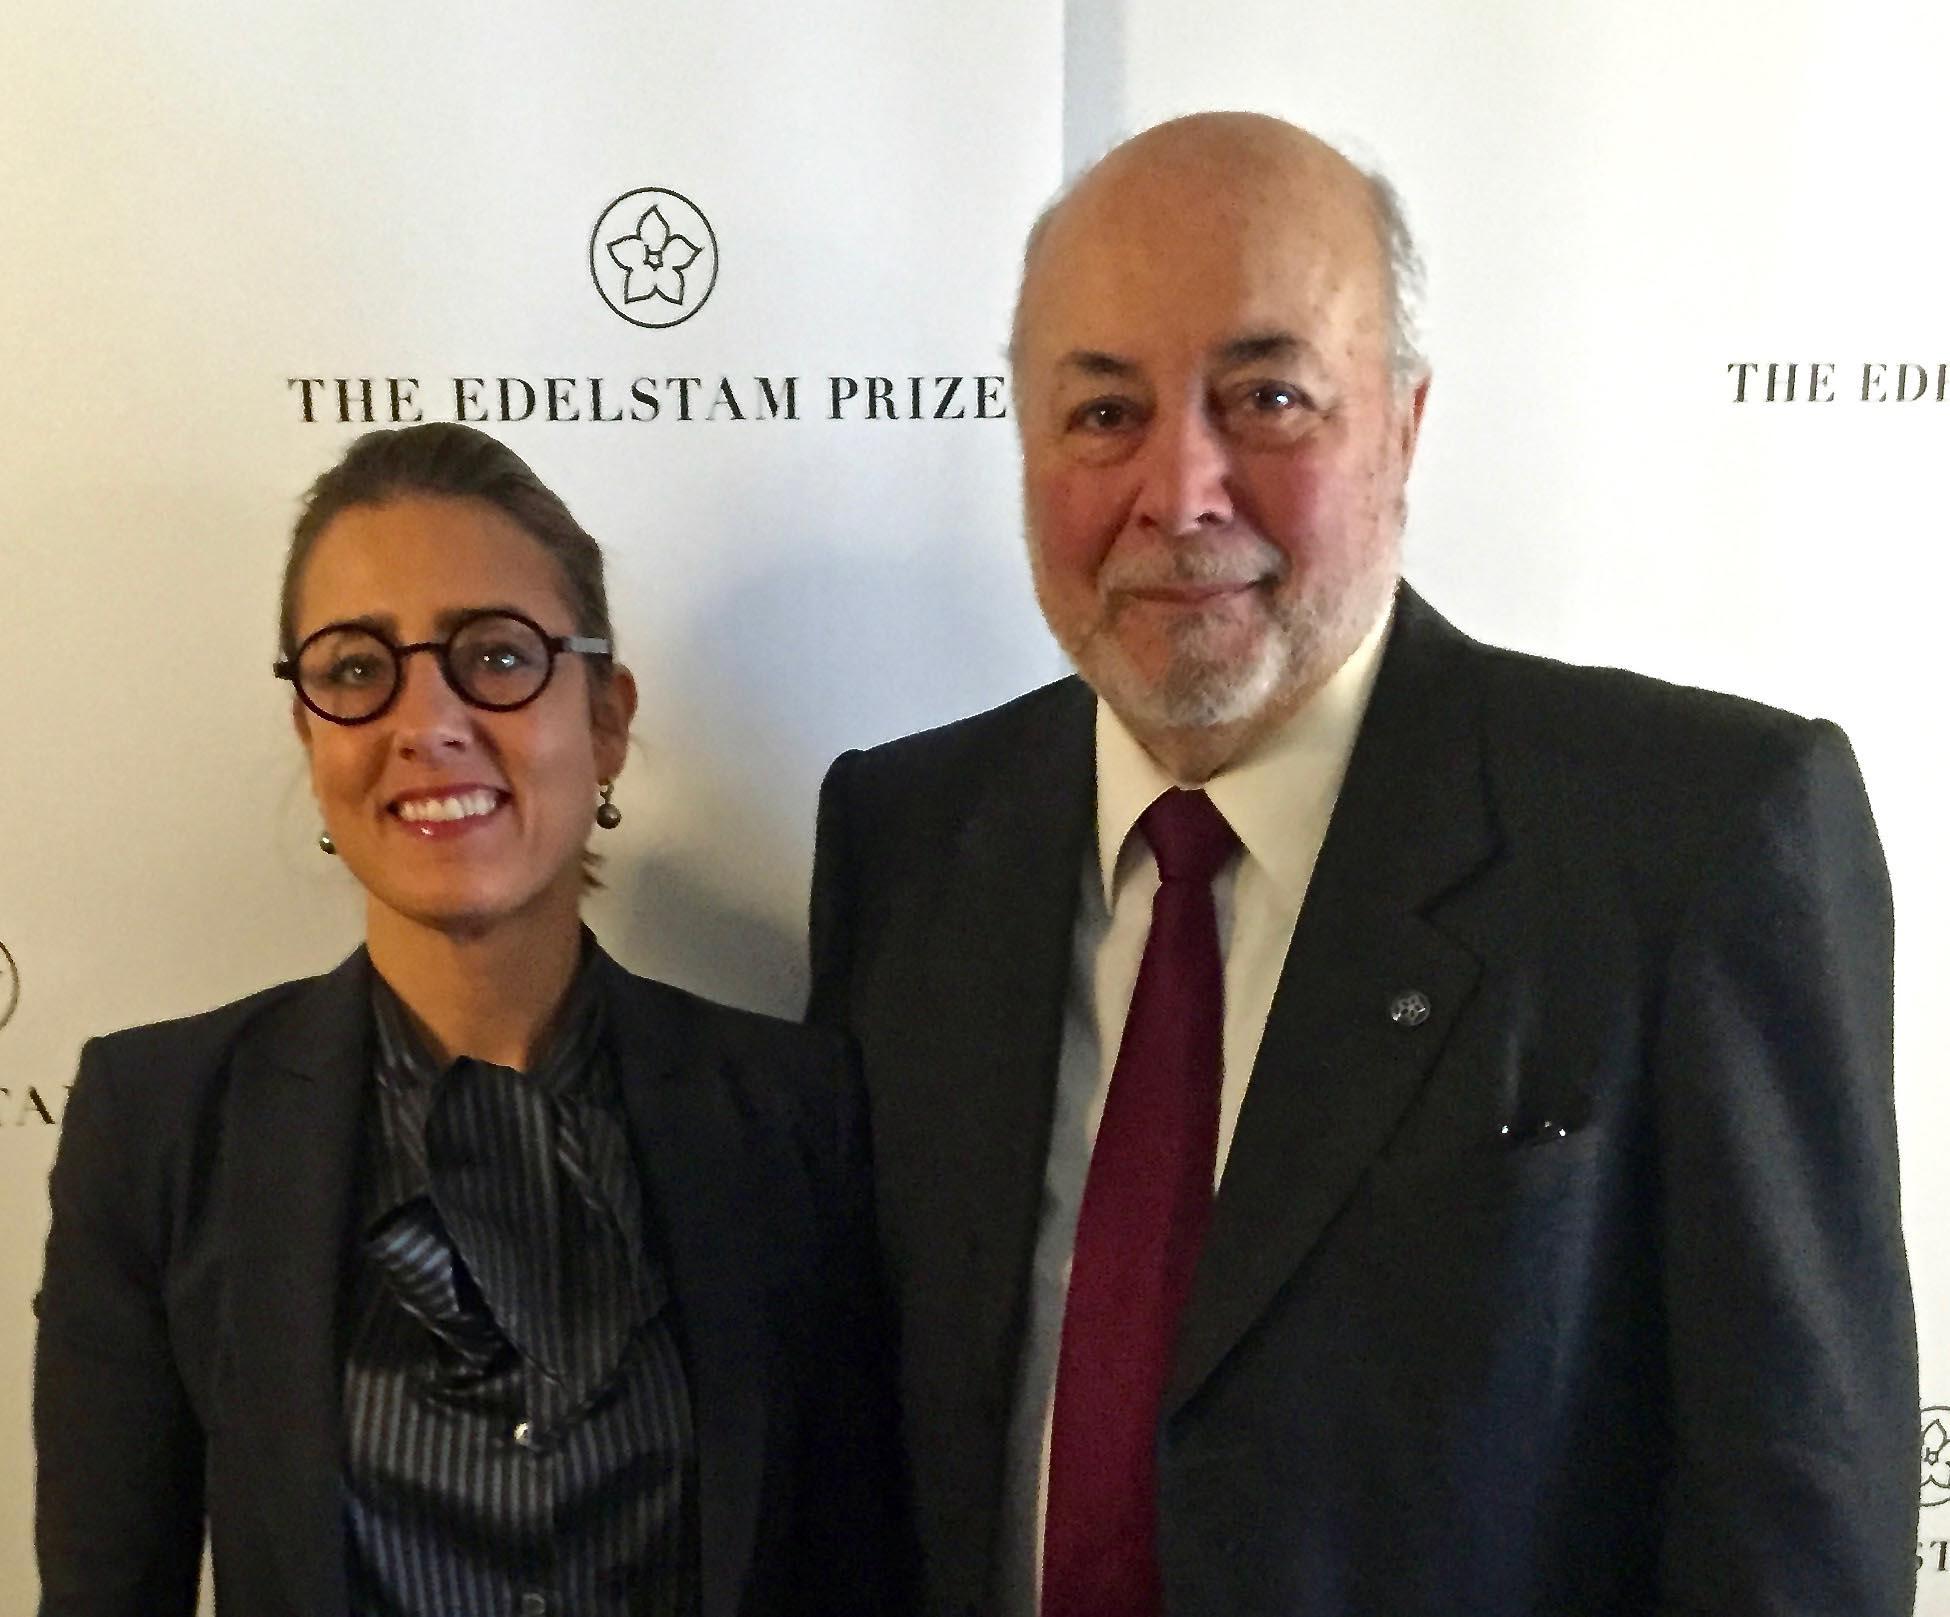 El perseguidor de Pinochet recibe el premio Edelstam